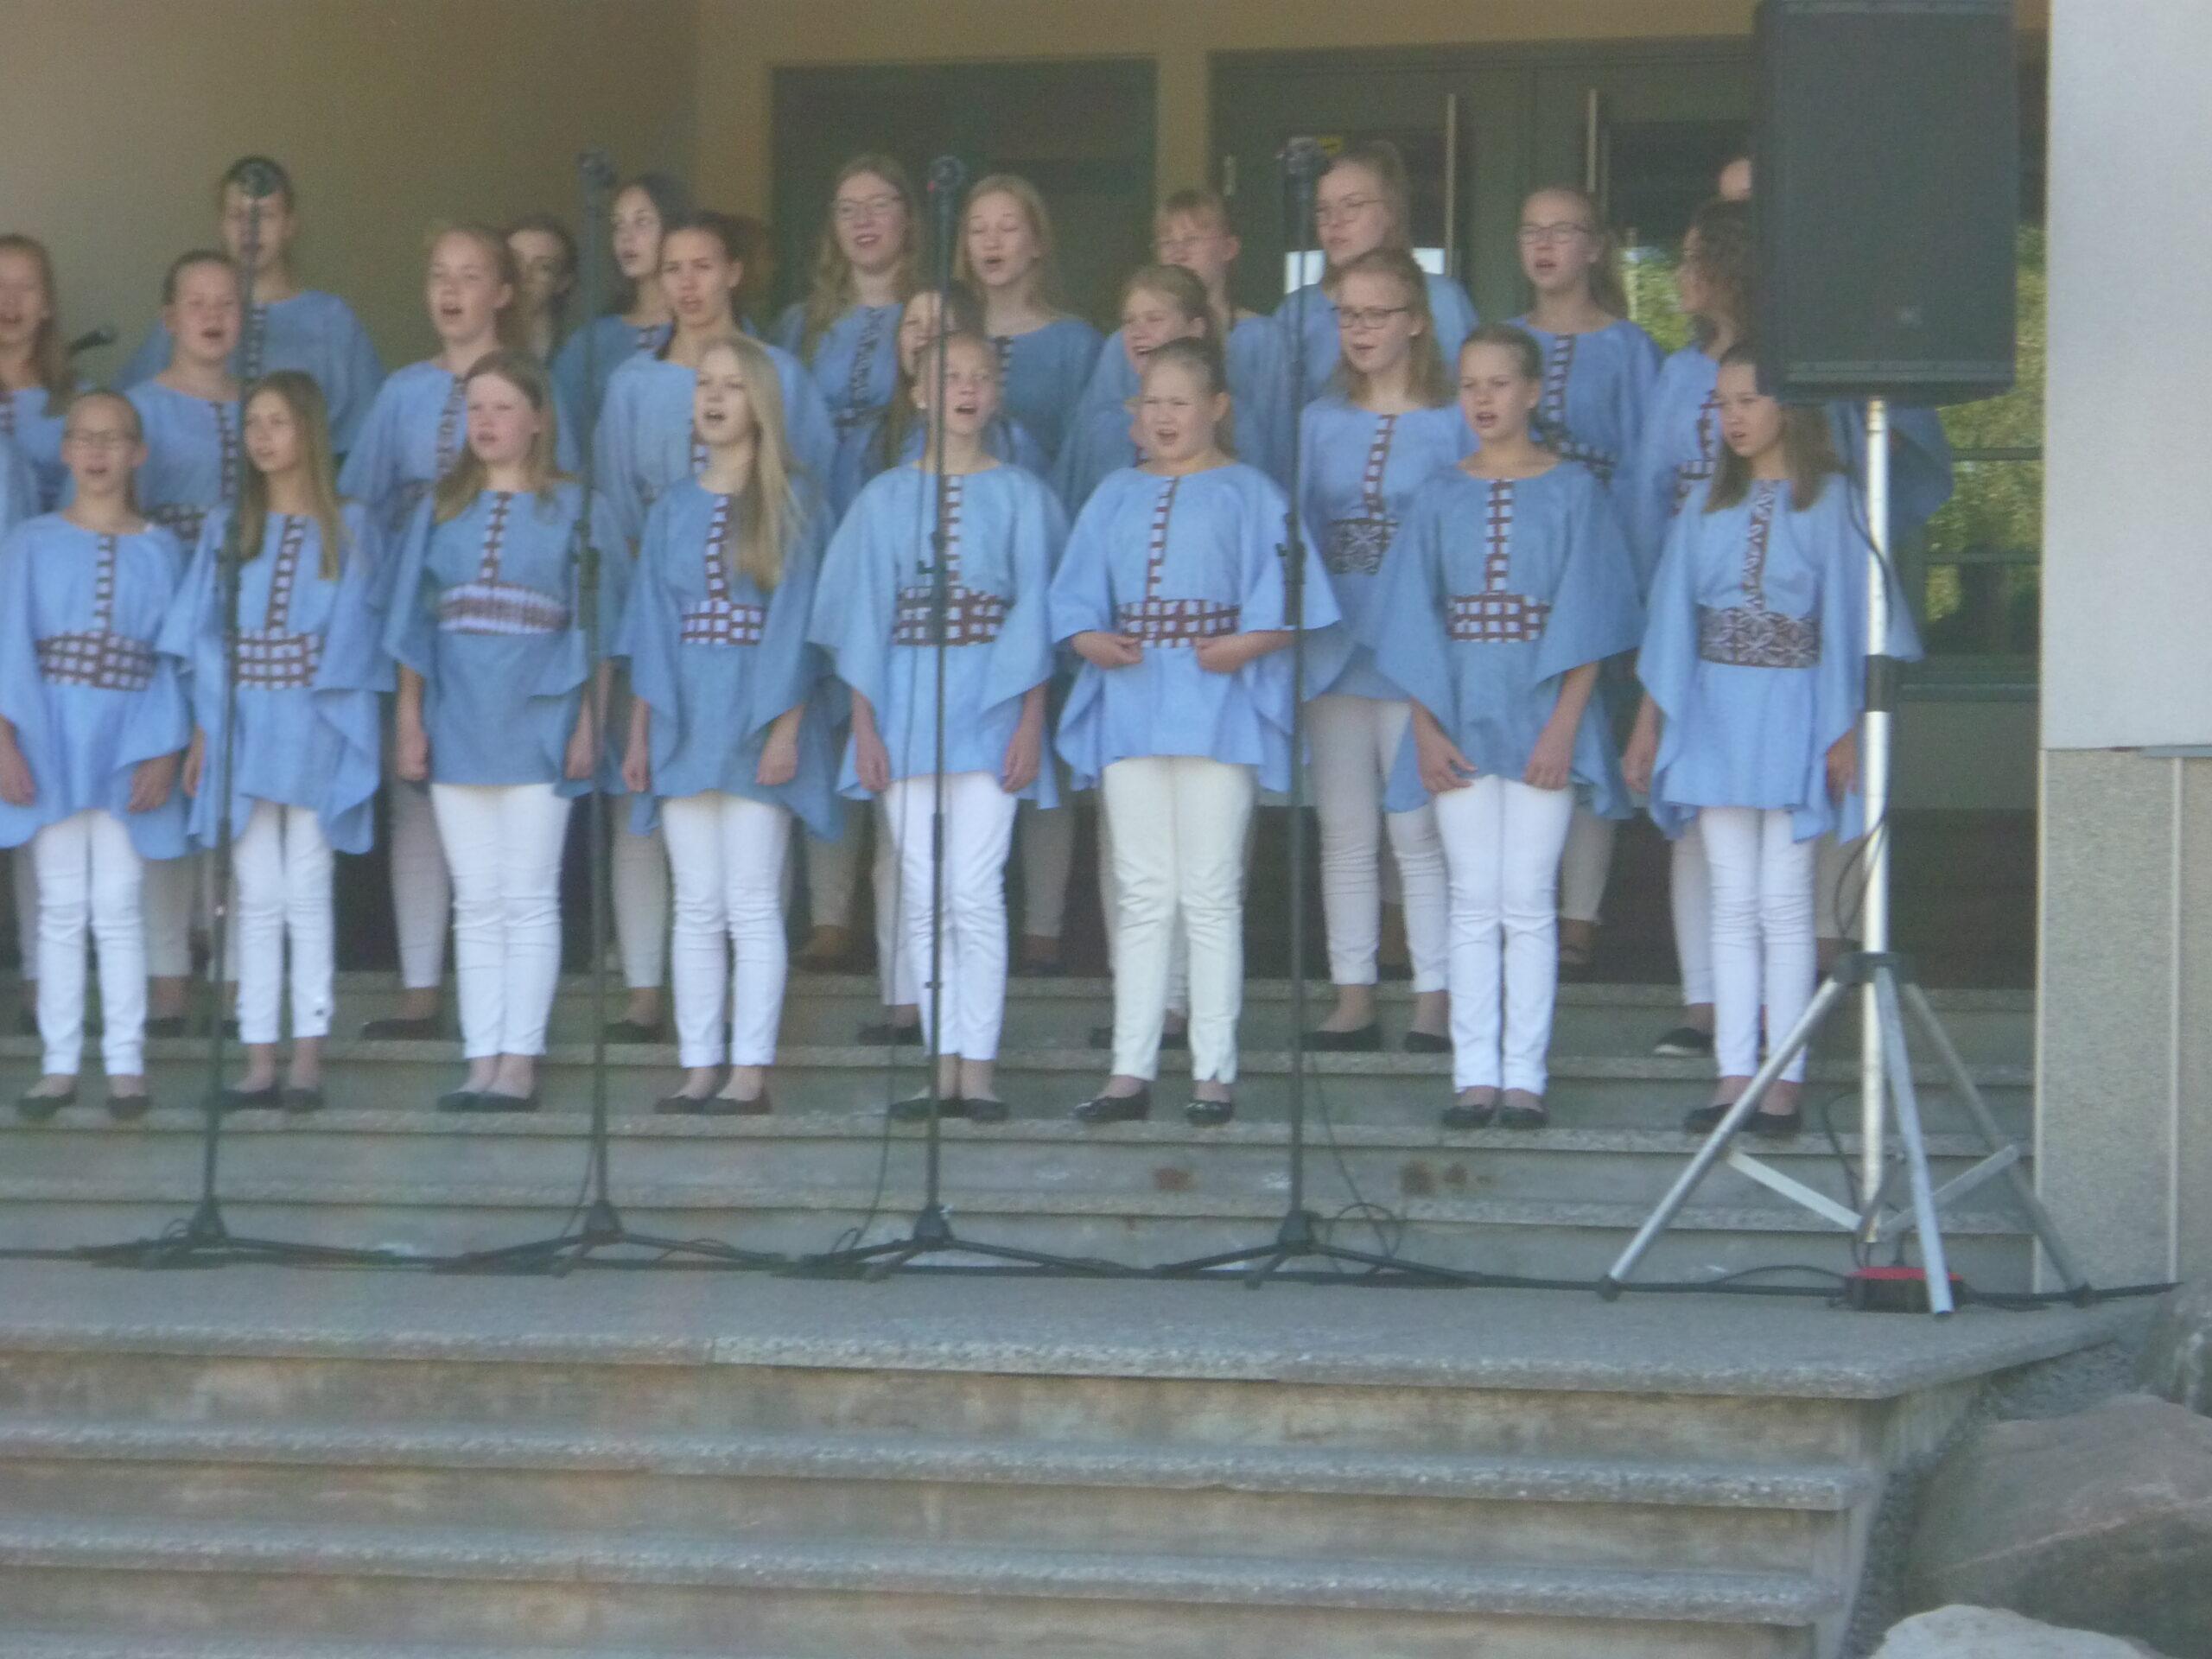 Nurmijärvi neidude koor Laululuiged 1 (2)